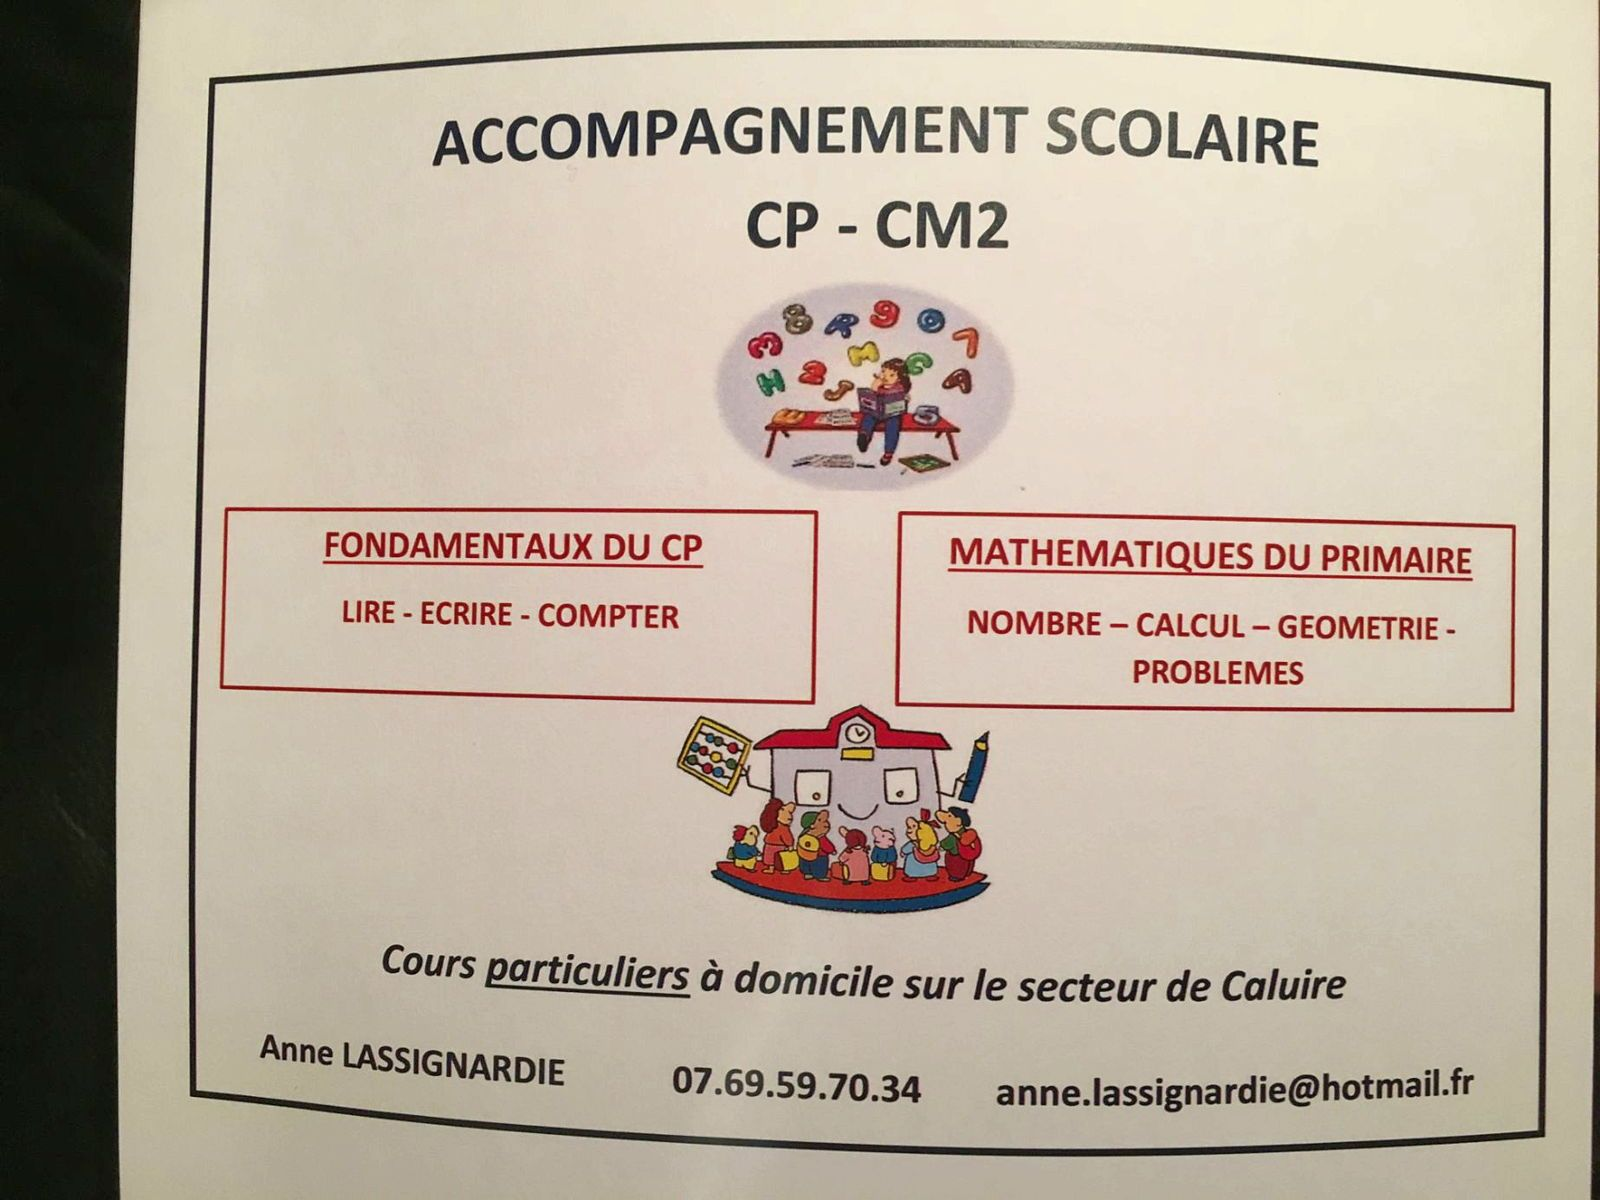 Accompagnement scolaire du CP au CM2